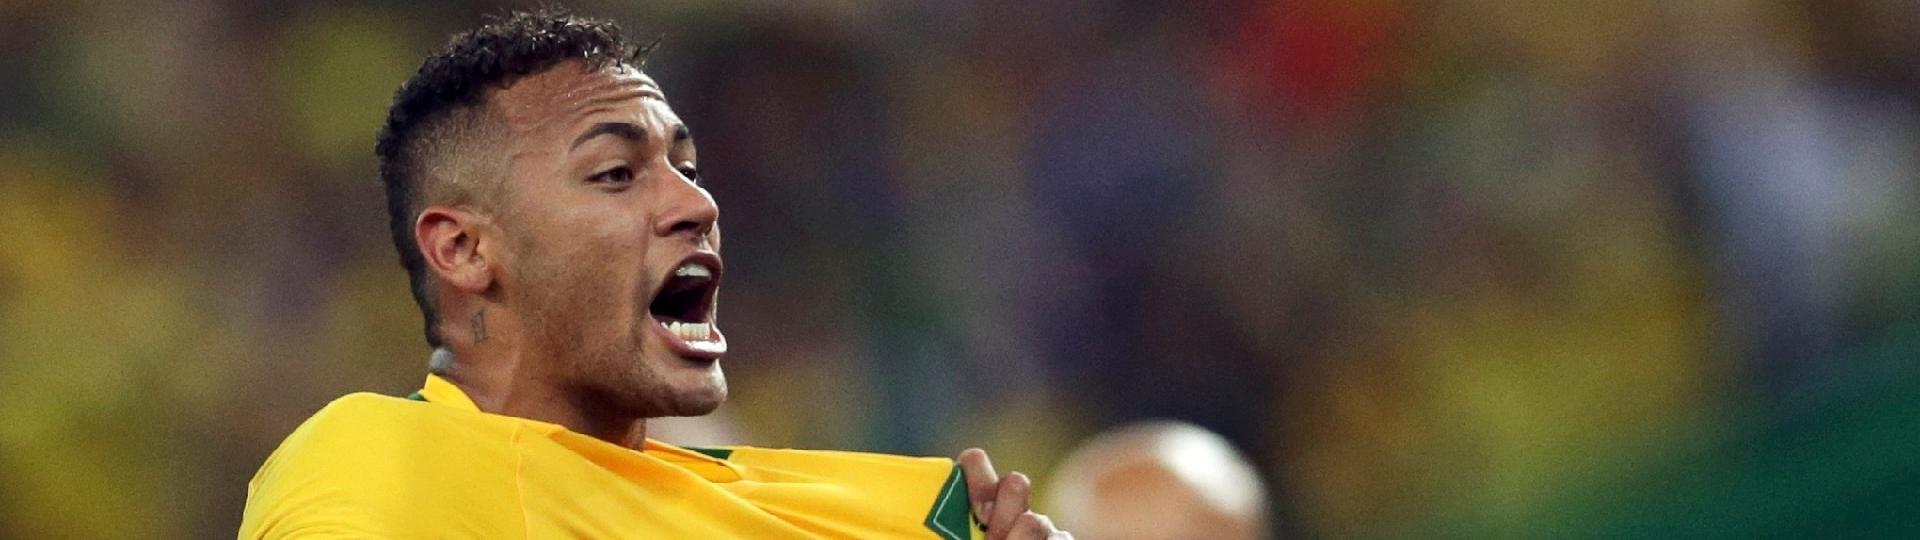 Neymar trocou a Copa América Centenária por sua participação nos Jogos Olímpicos Rio-2016